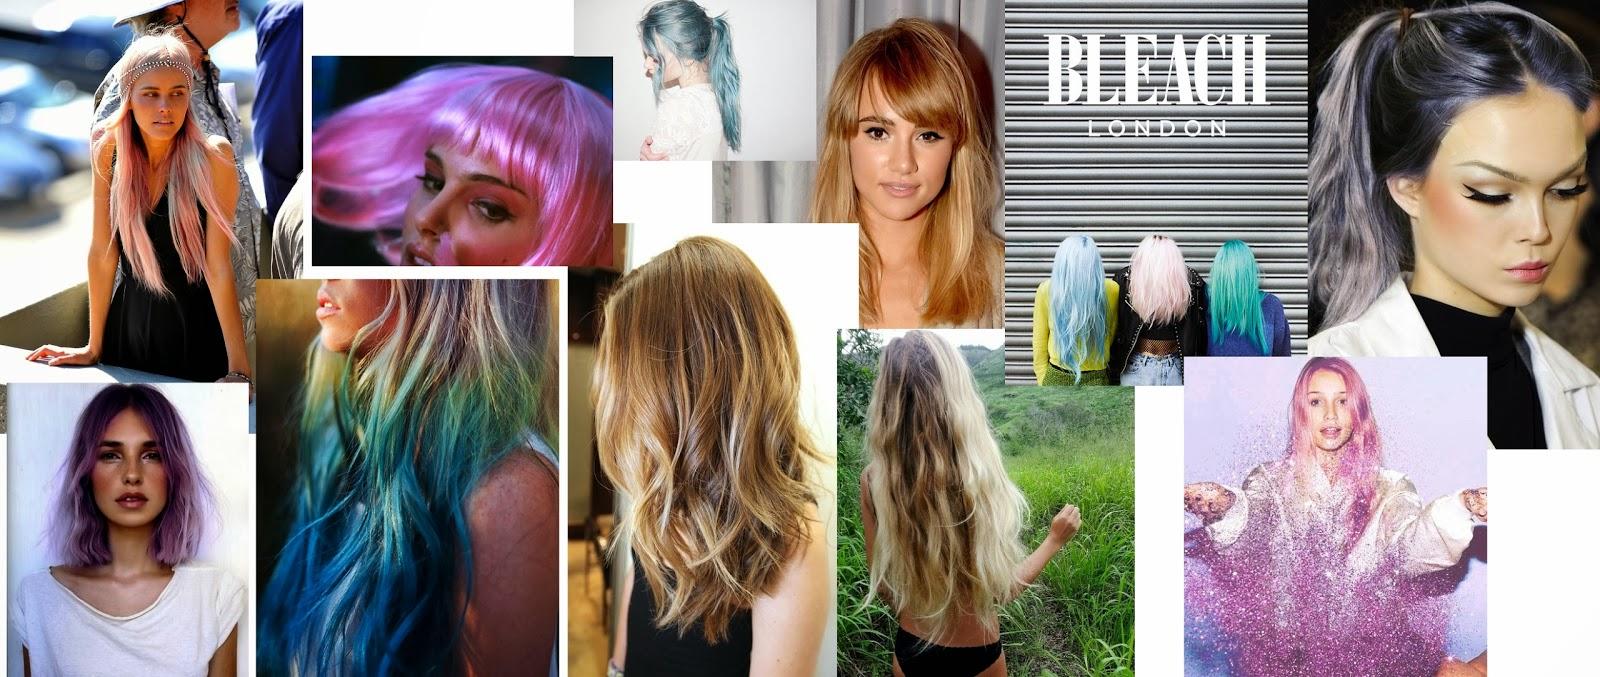 hair inspiration mood board tan talk blonde colour glitter suki waterhouse babes